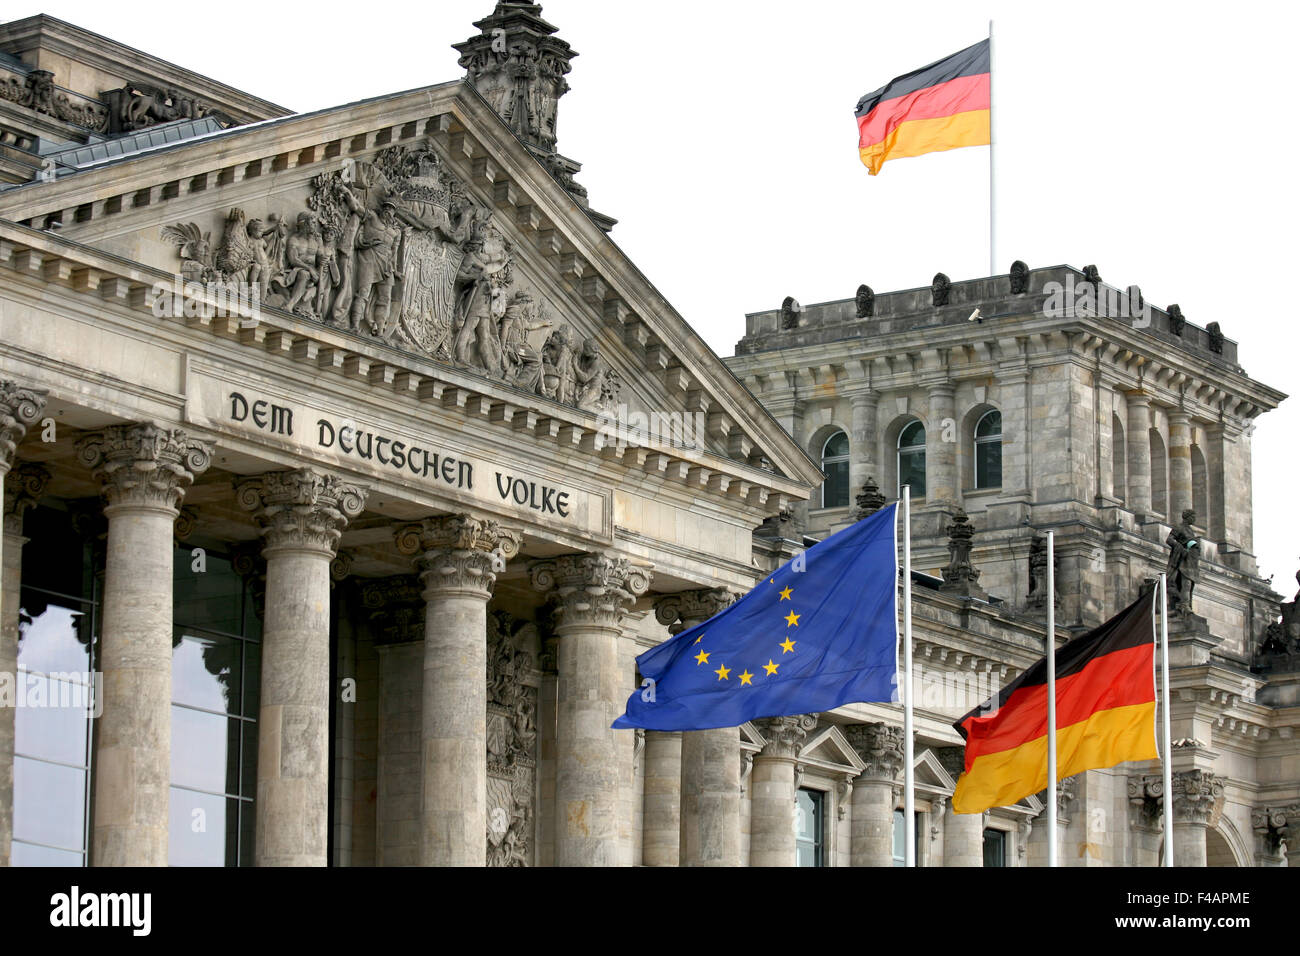 Dem Deutschen Volk Stock Photos & Dem Deutschen Volk Stock ...  Dem Deutschen V...